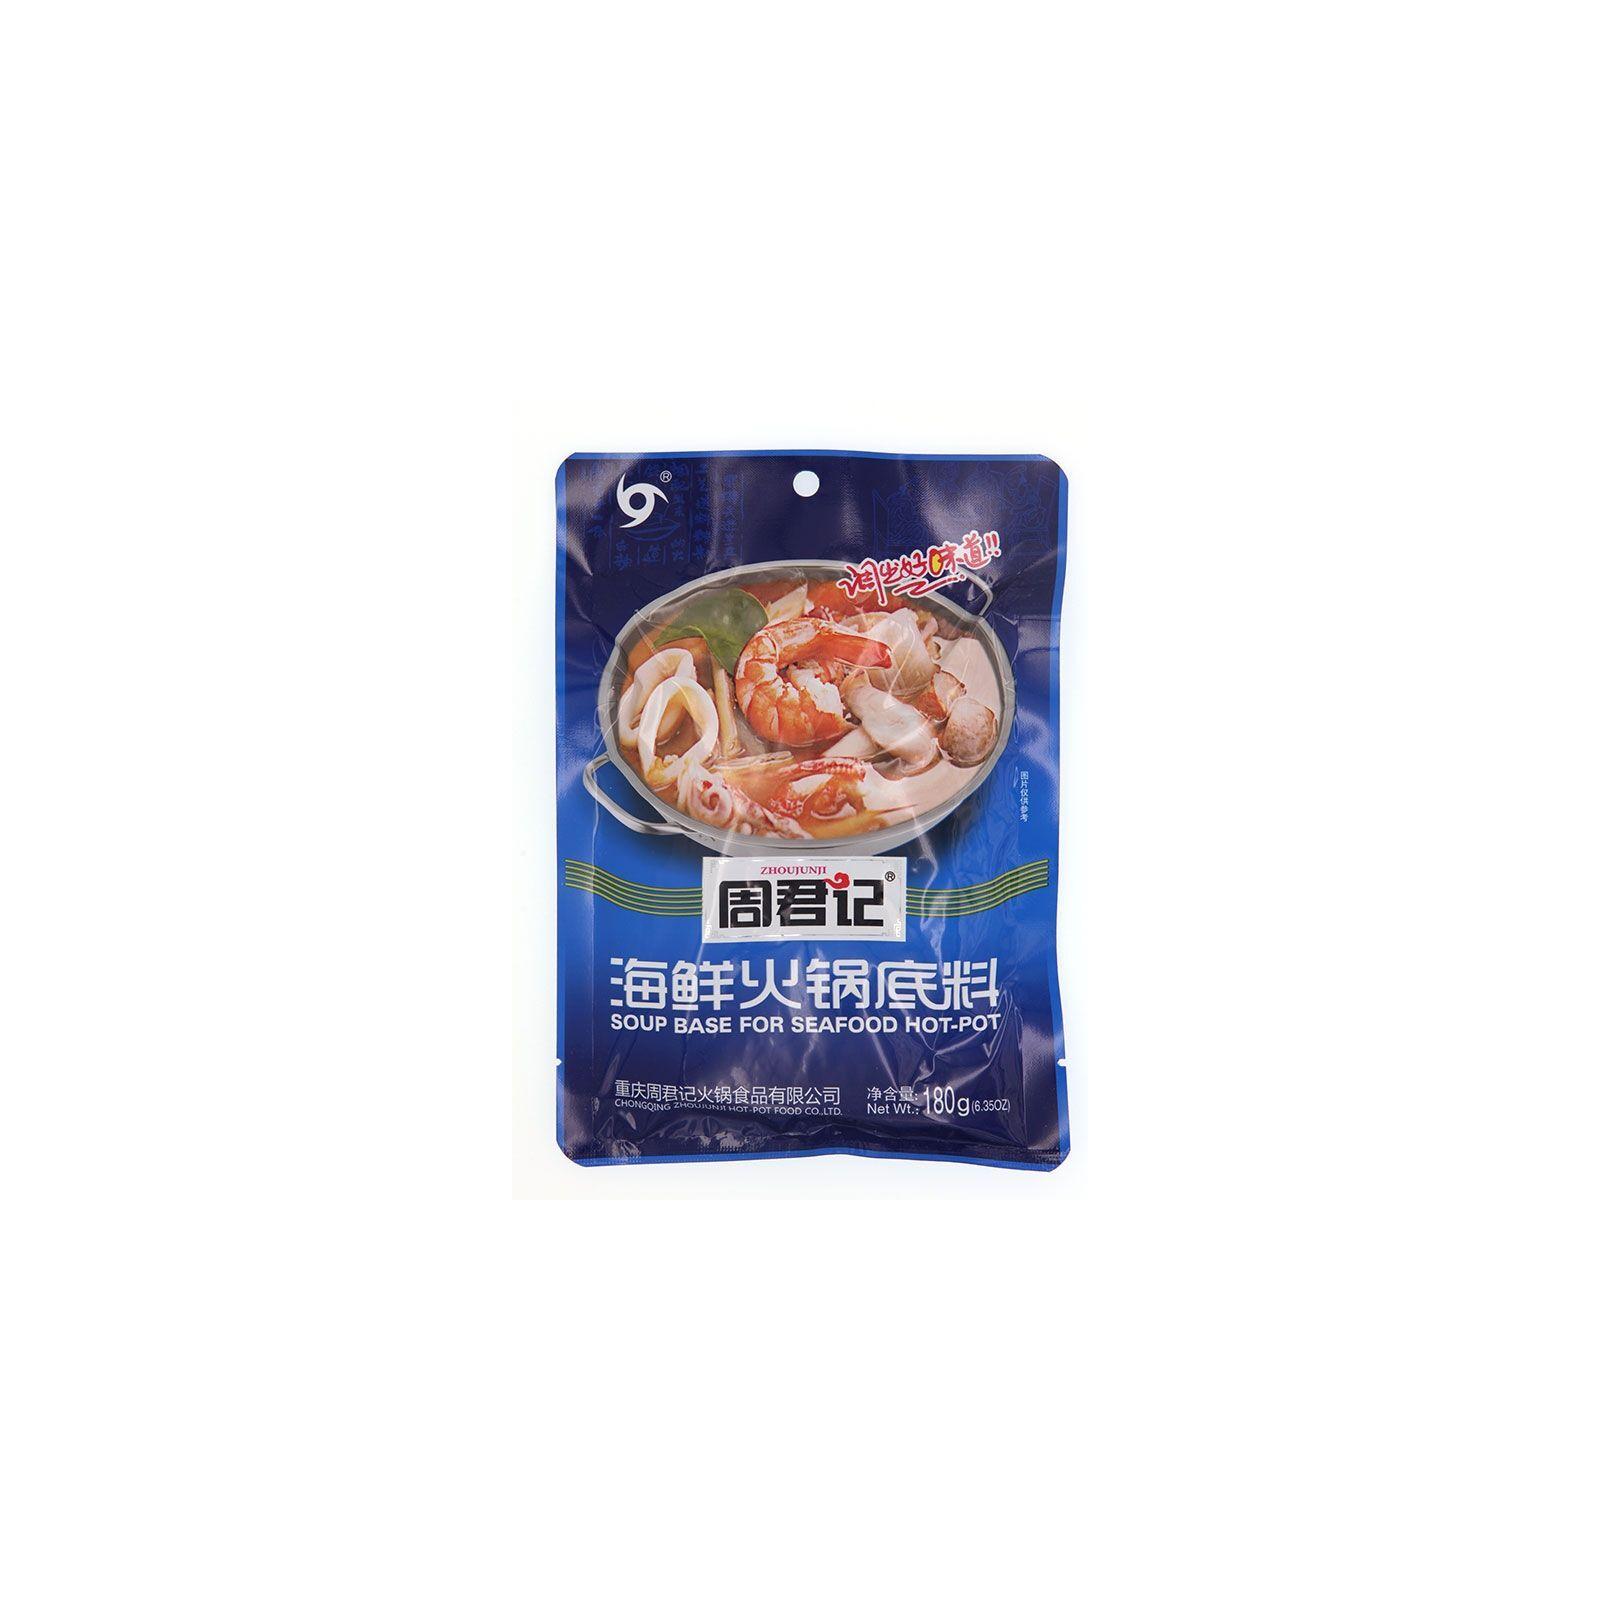 Asia Marché Soupe pour fondue Chinoise arôme fruits de mer 180g Zhoujunji